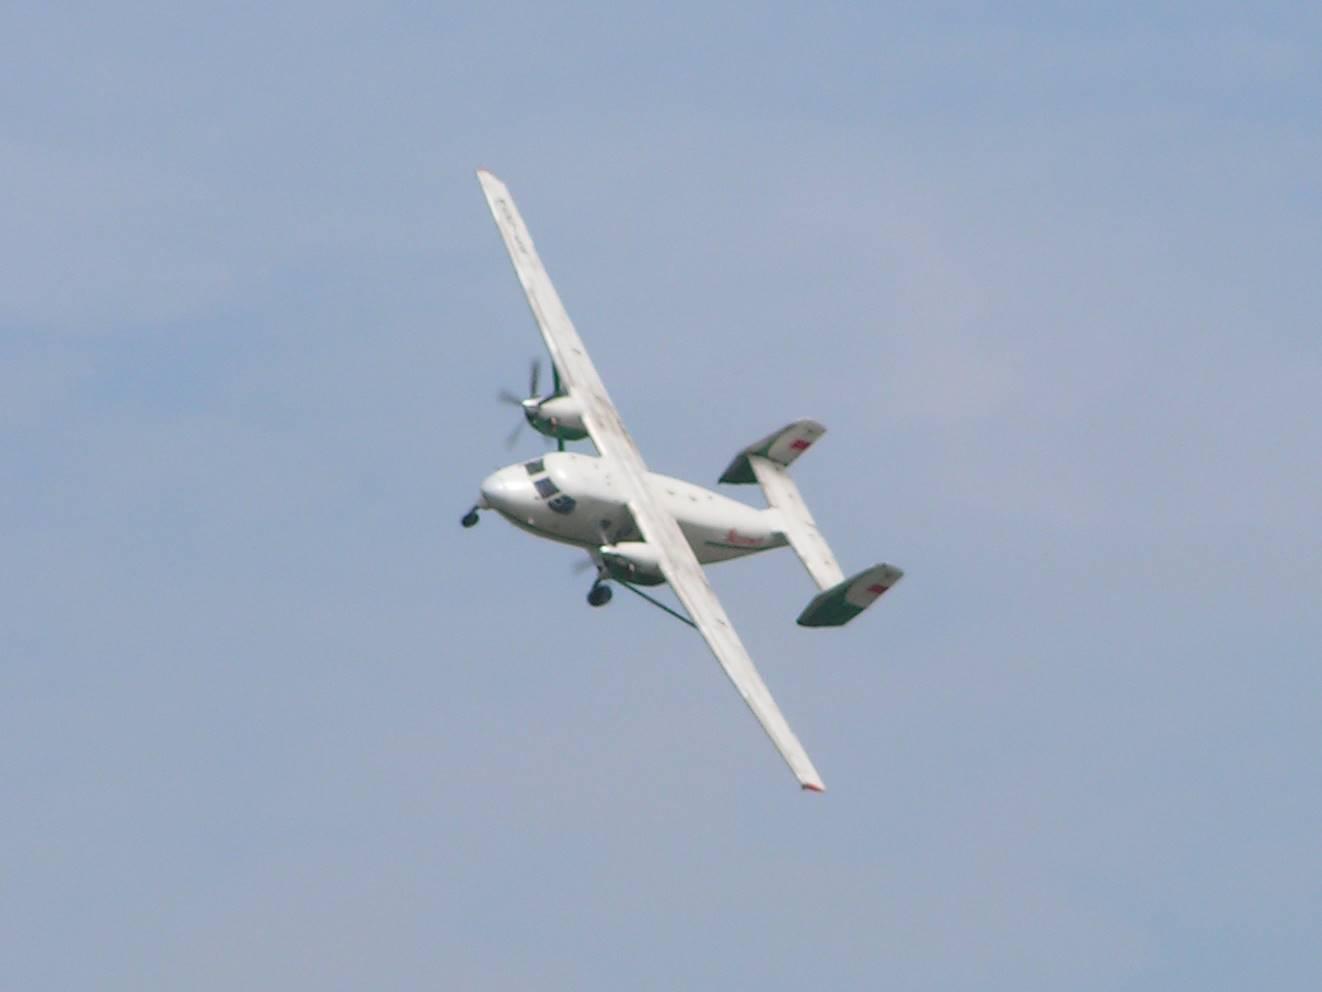 Nestao zrakoplov koji je poletio iz Banja Luke, u tijeku potraga